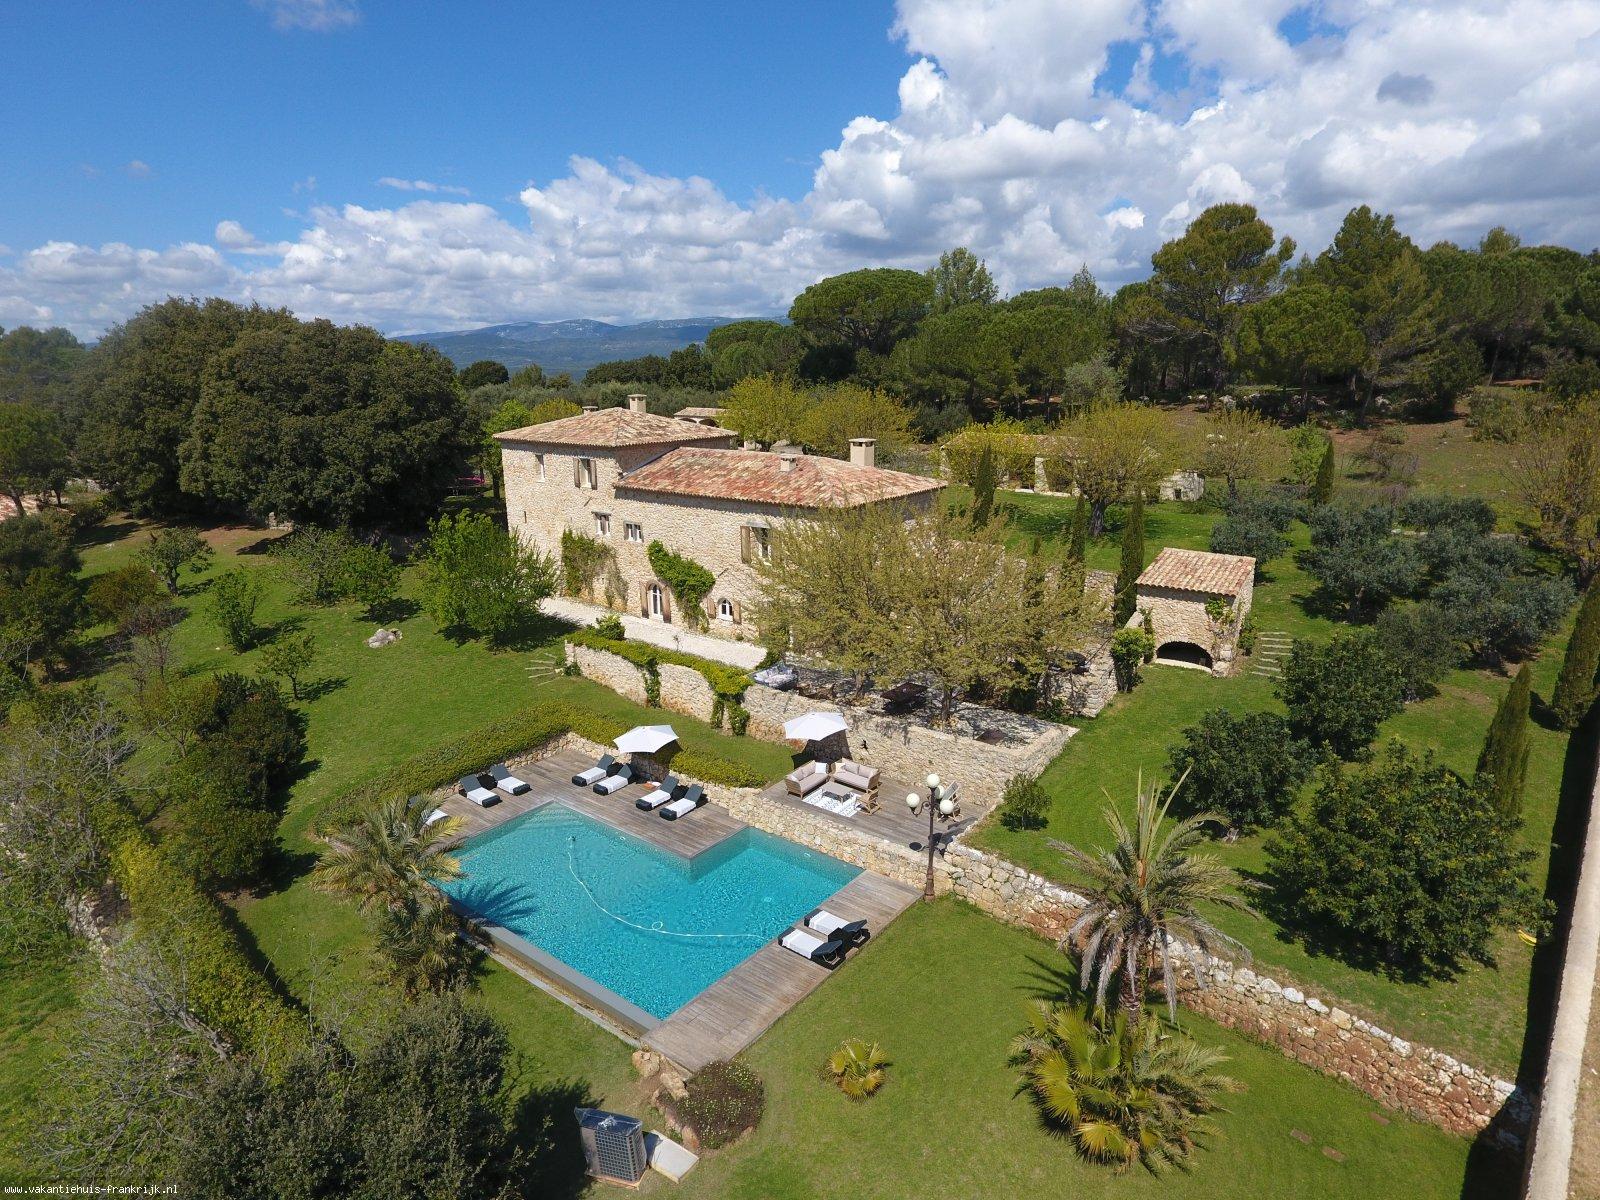 Vakantiehuis: Bastide la Cléola is een landelijk gelegen, prachtig gerestaureerde 'en pierre' Bastide met privé verwarmd zwembad geschikt voor grote gezelschappen. te huur voor uw vakantie in Var (Frankrijk)